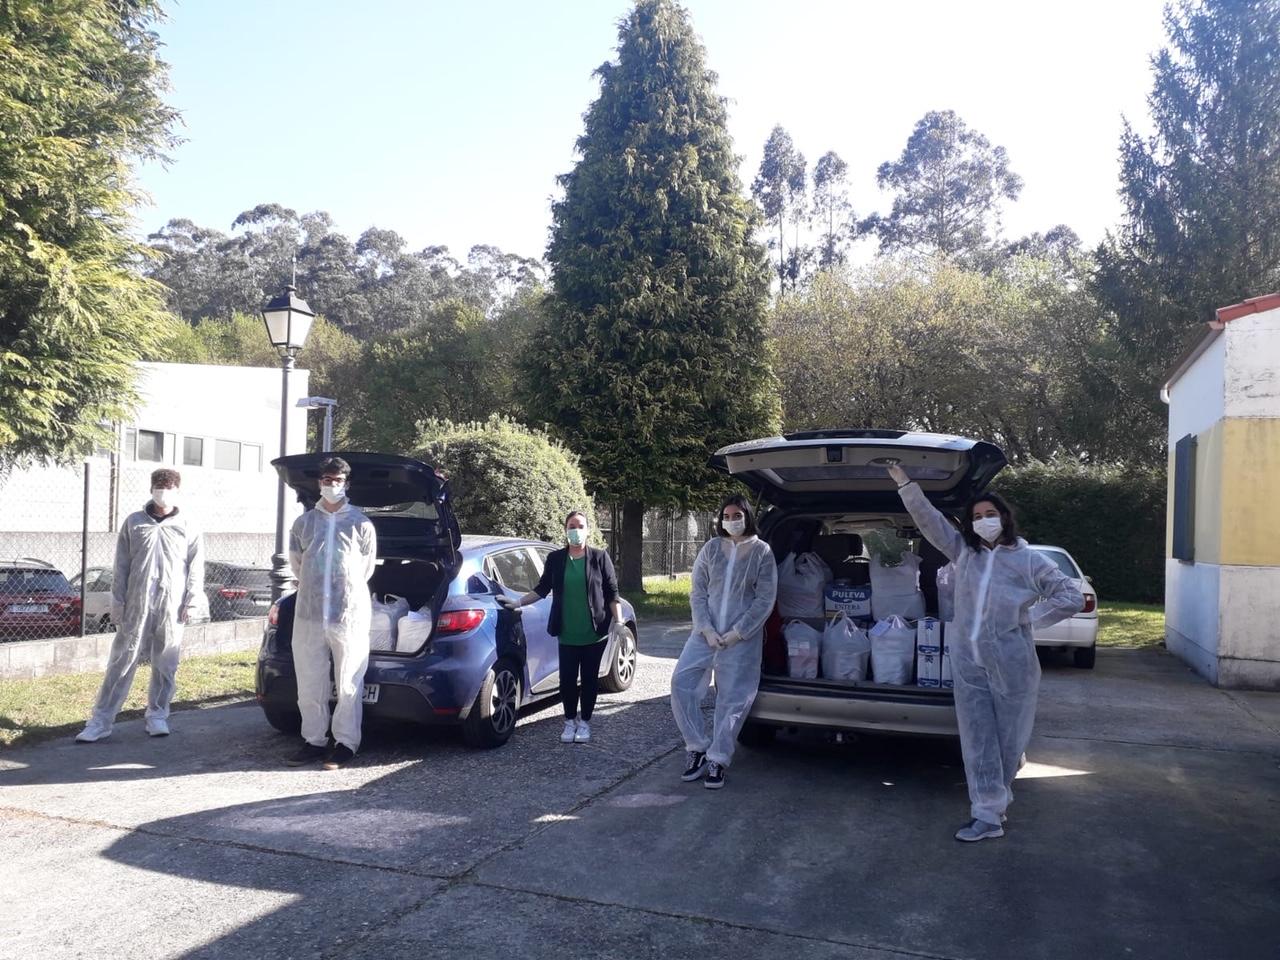 O Concello de Silleda aluga un vehículo para reforzar o servizo da Policia Local e crea un grupo de voluntariado social